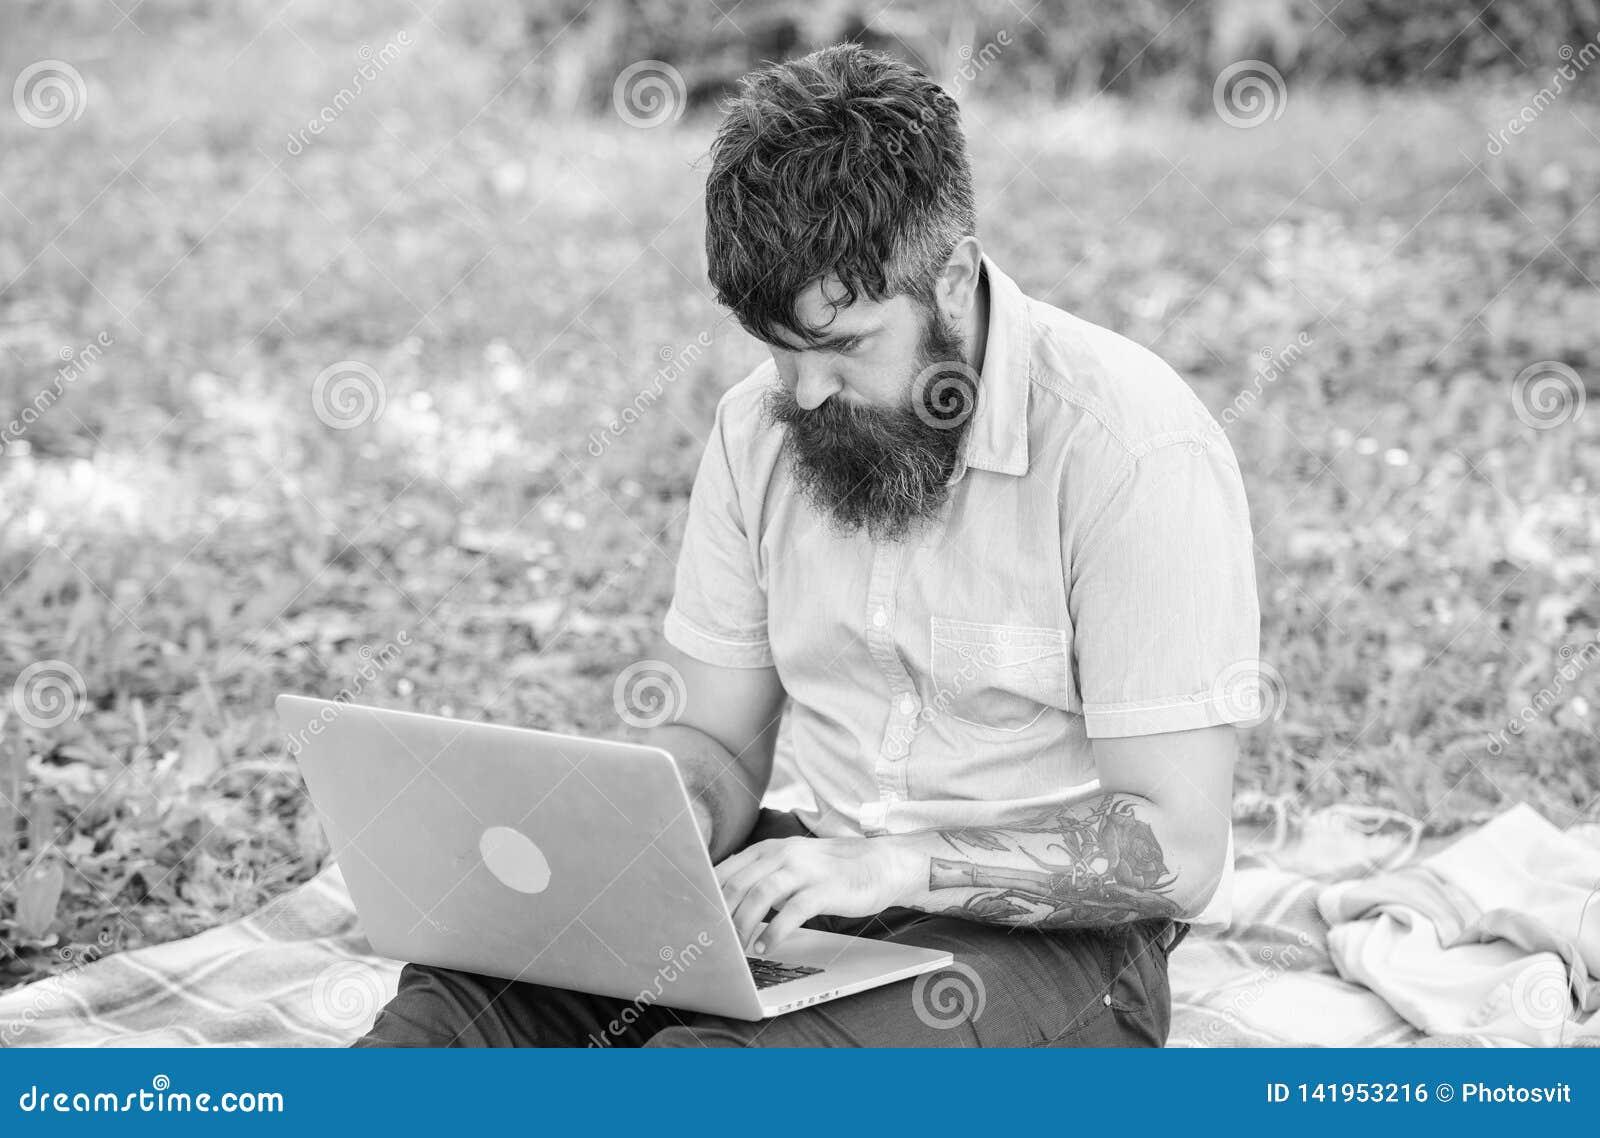 Escritor que busca el ambiente de la naturaleza de la inspiración Inspiración para bloguear Buscar la inspiración Hombre barbudo